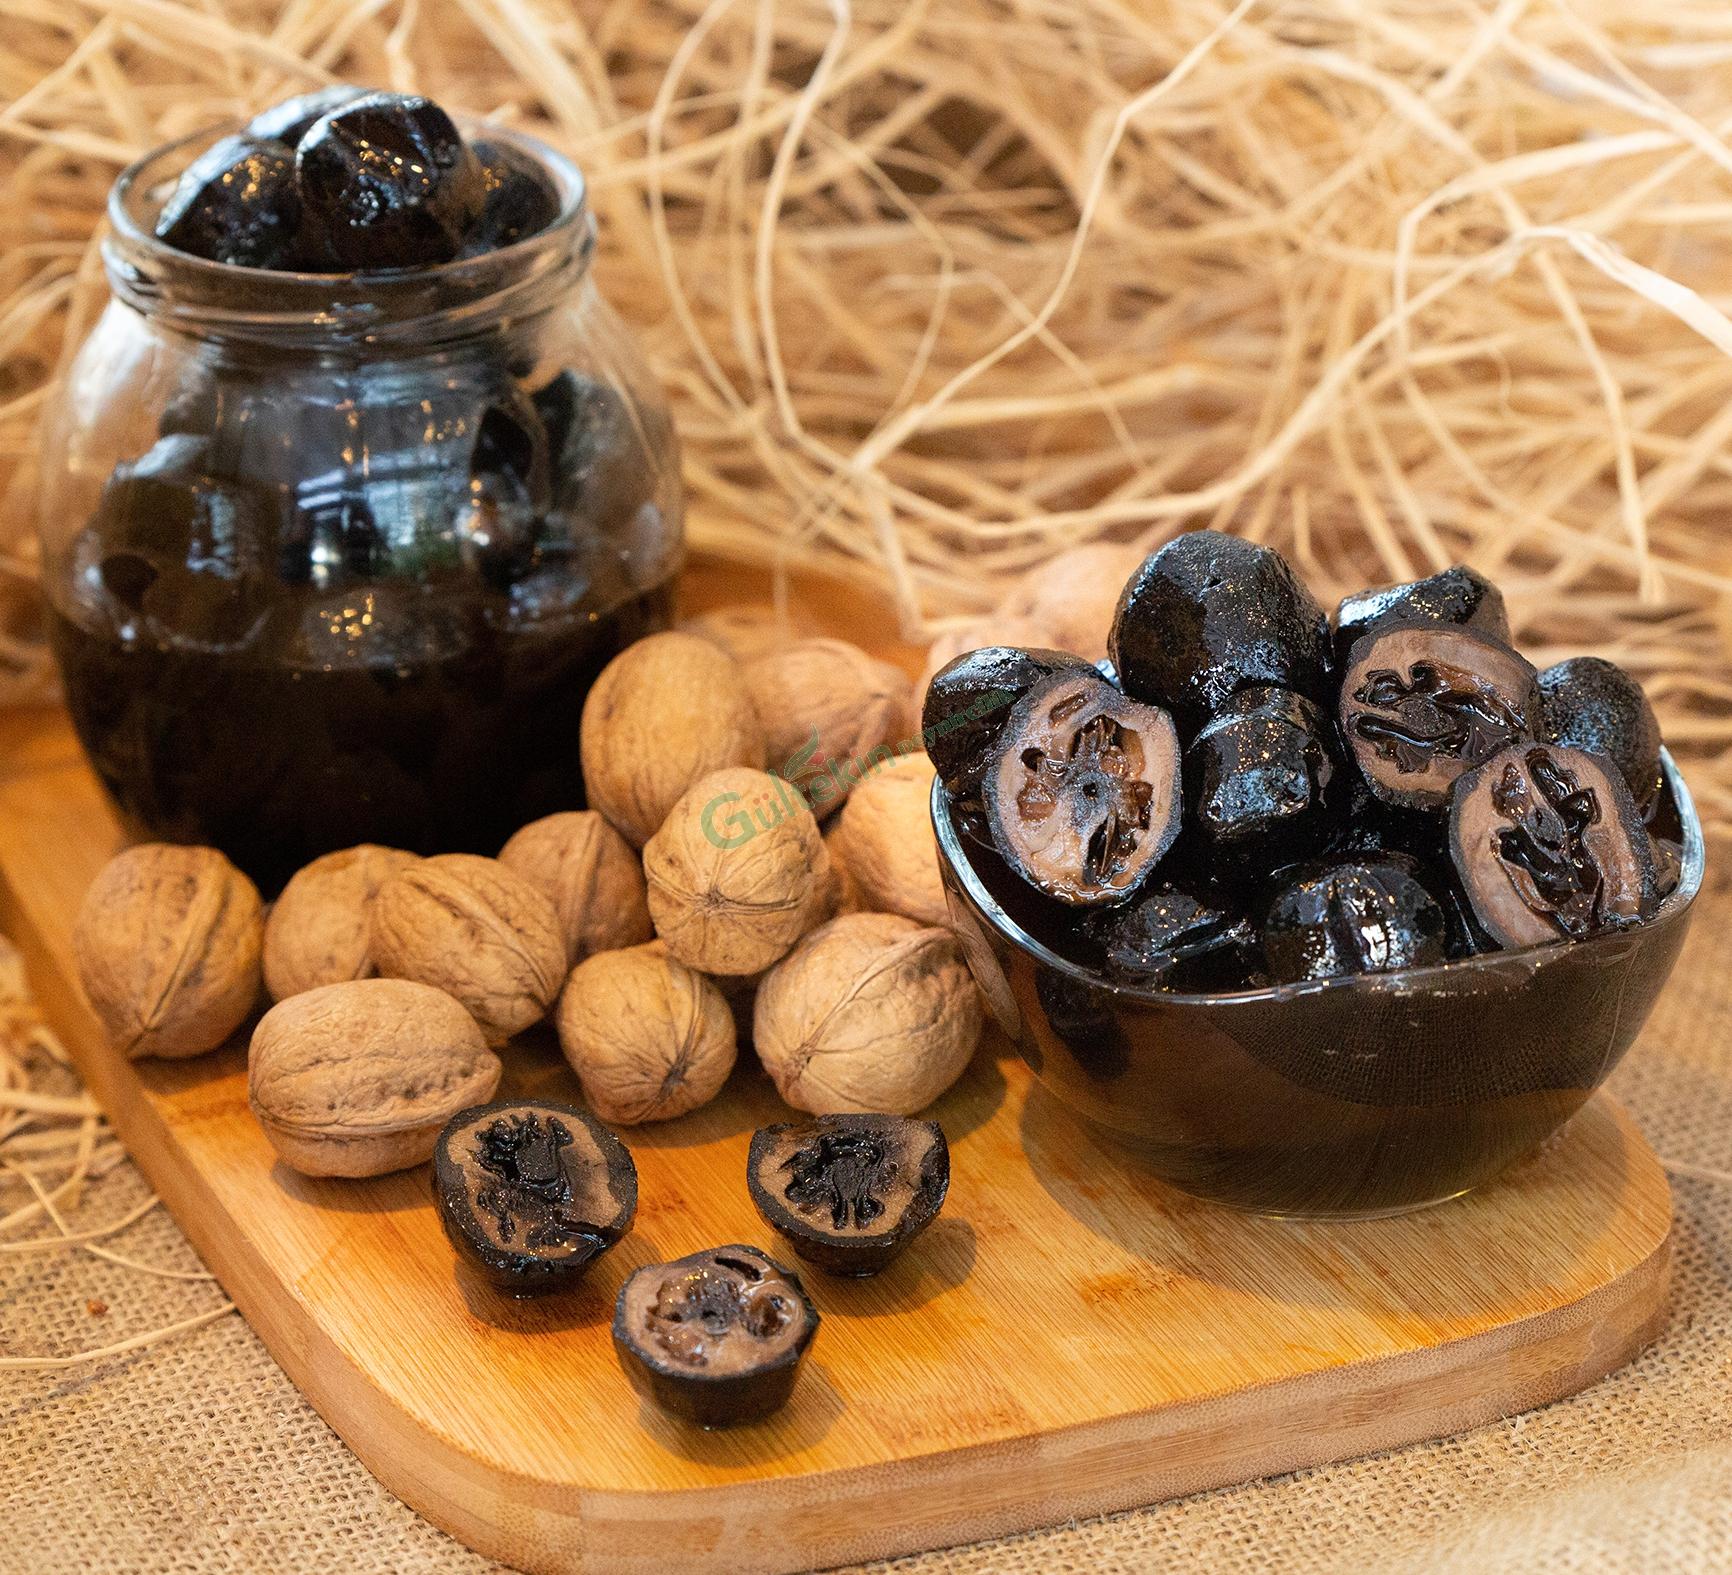 Варенье из зеленого грецкого ореха: тонкости приготовления в домашних условиях – как сварить варенье из молодых грецких орехов